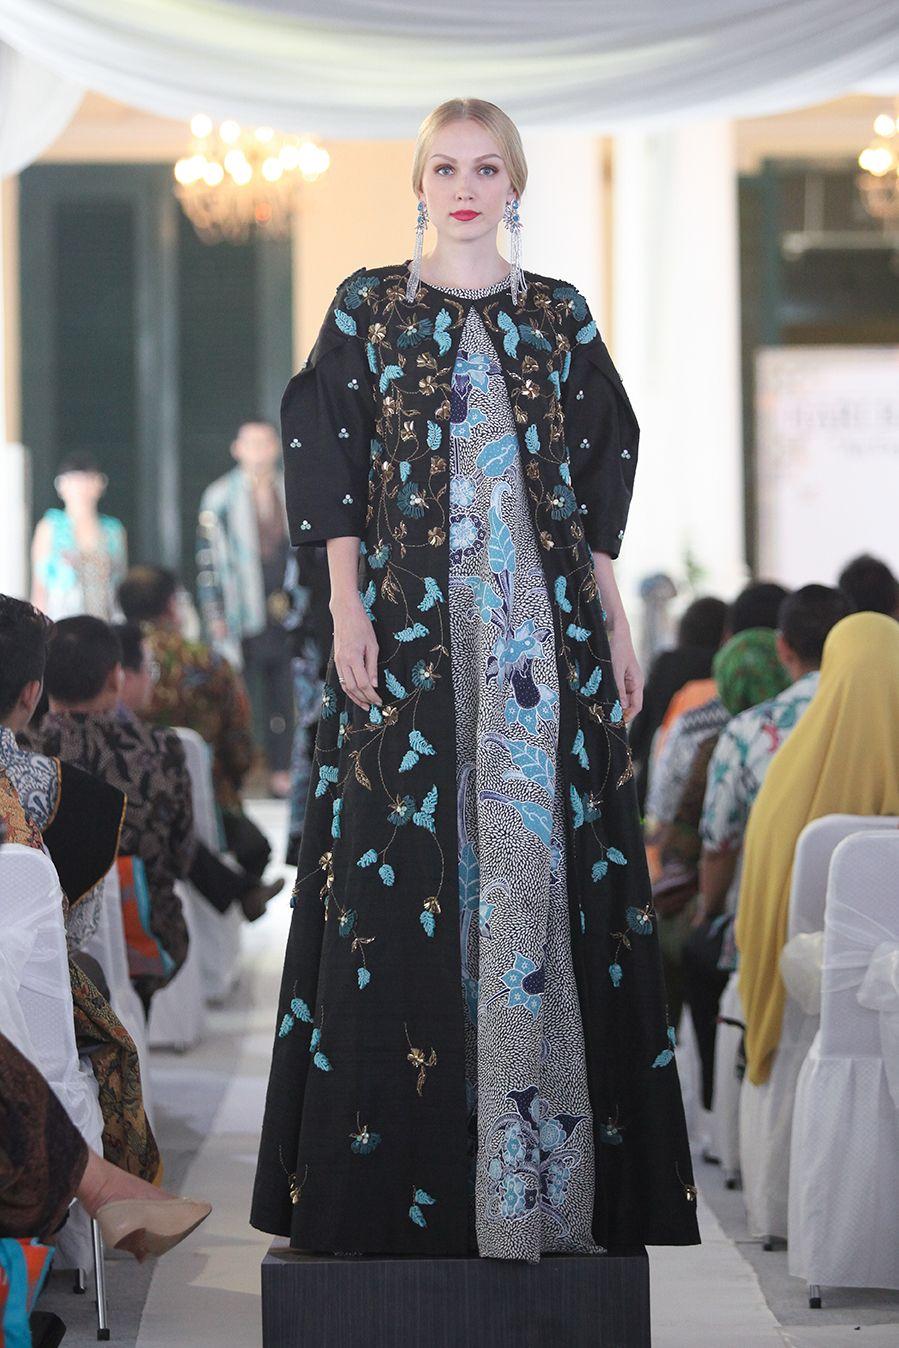 Perayaan Hari Batik Nasional Digelar Meriah Oleh 10 Desainer